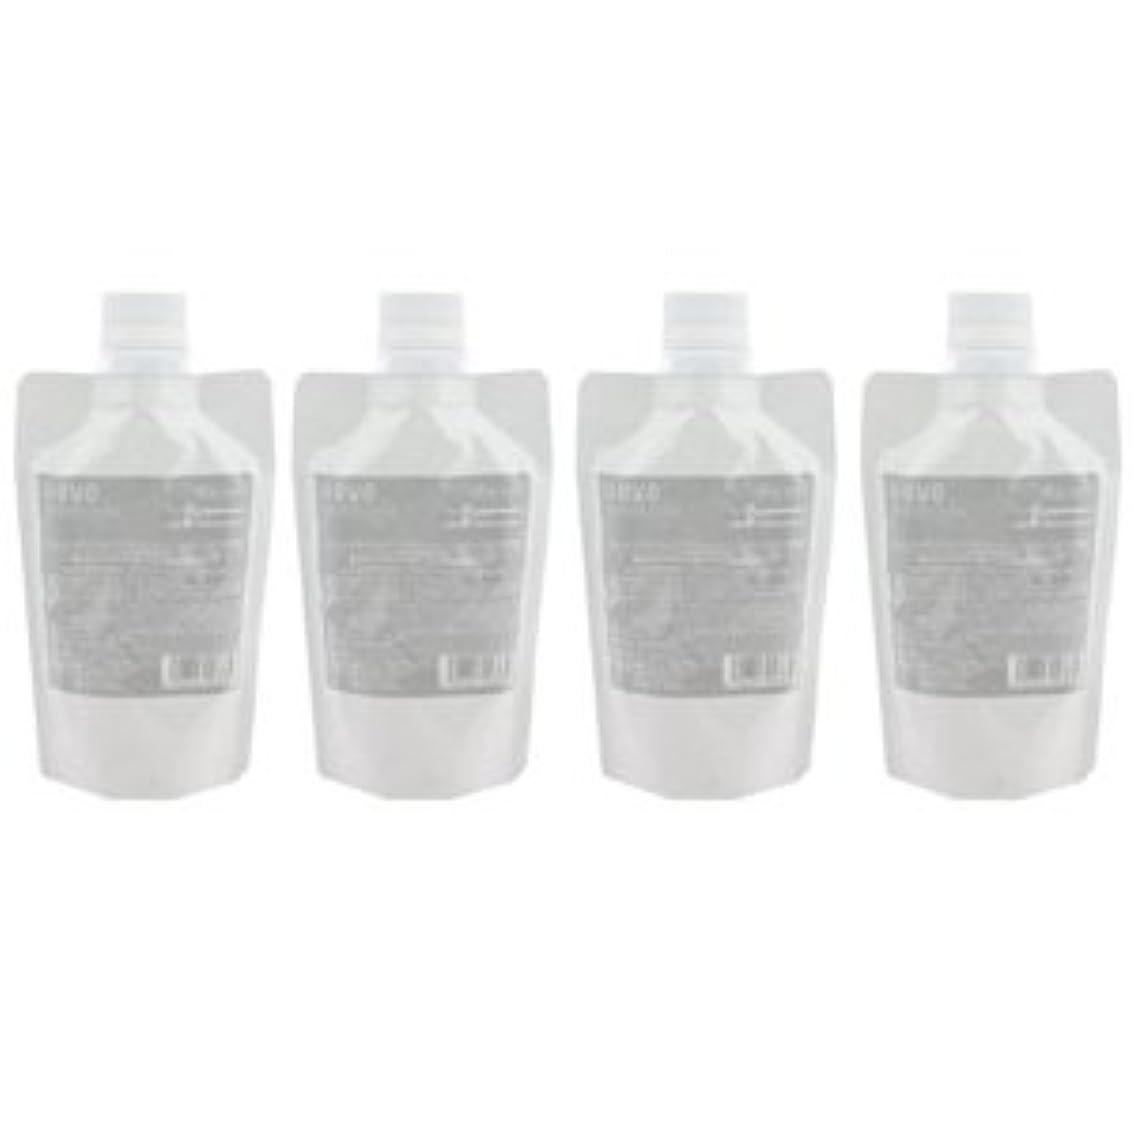 ブランド名断言する孤独【X4個セット】 デミ ウェーボ デザインキューブ ドライワックス 200g 業務用 dry wax